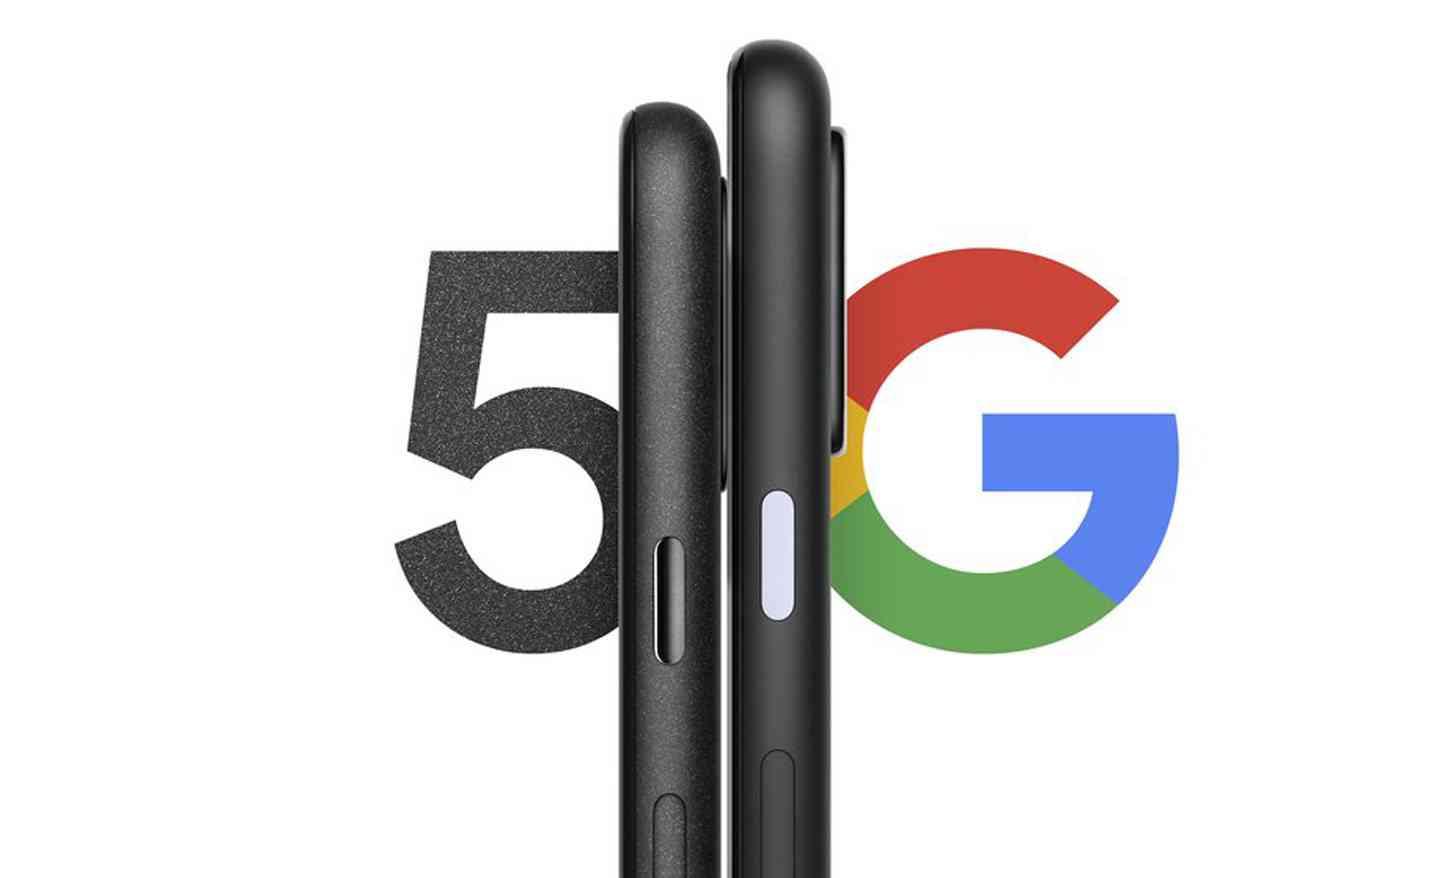 Google Pixel 5, 4a 5G teaser